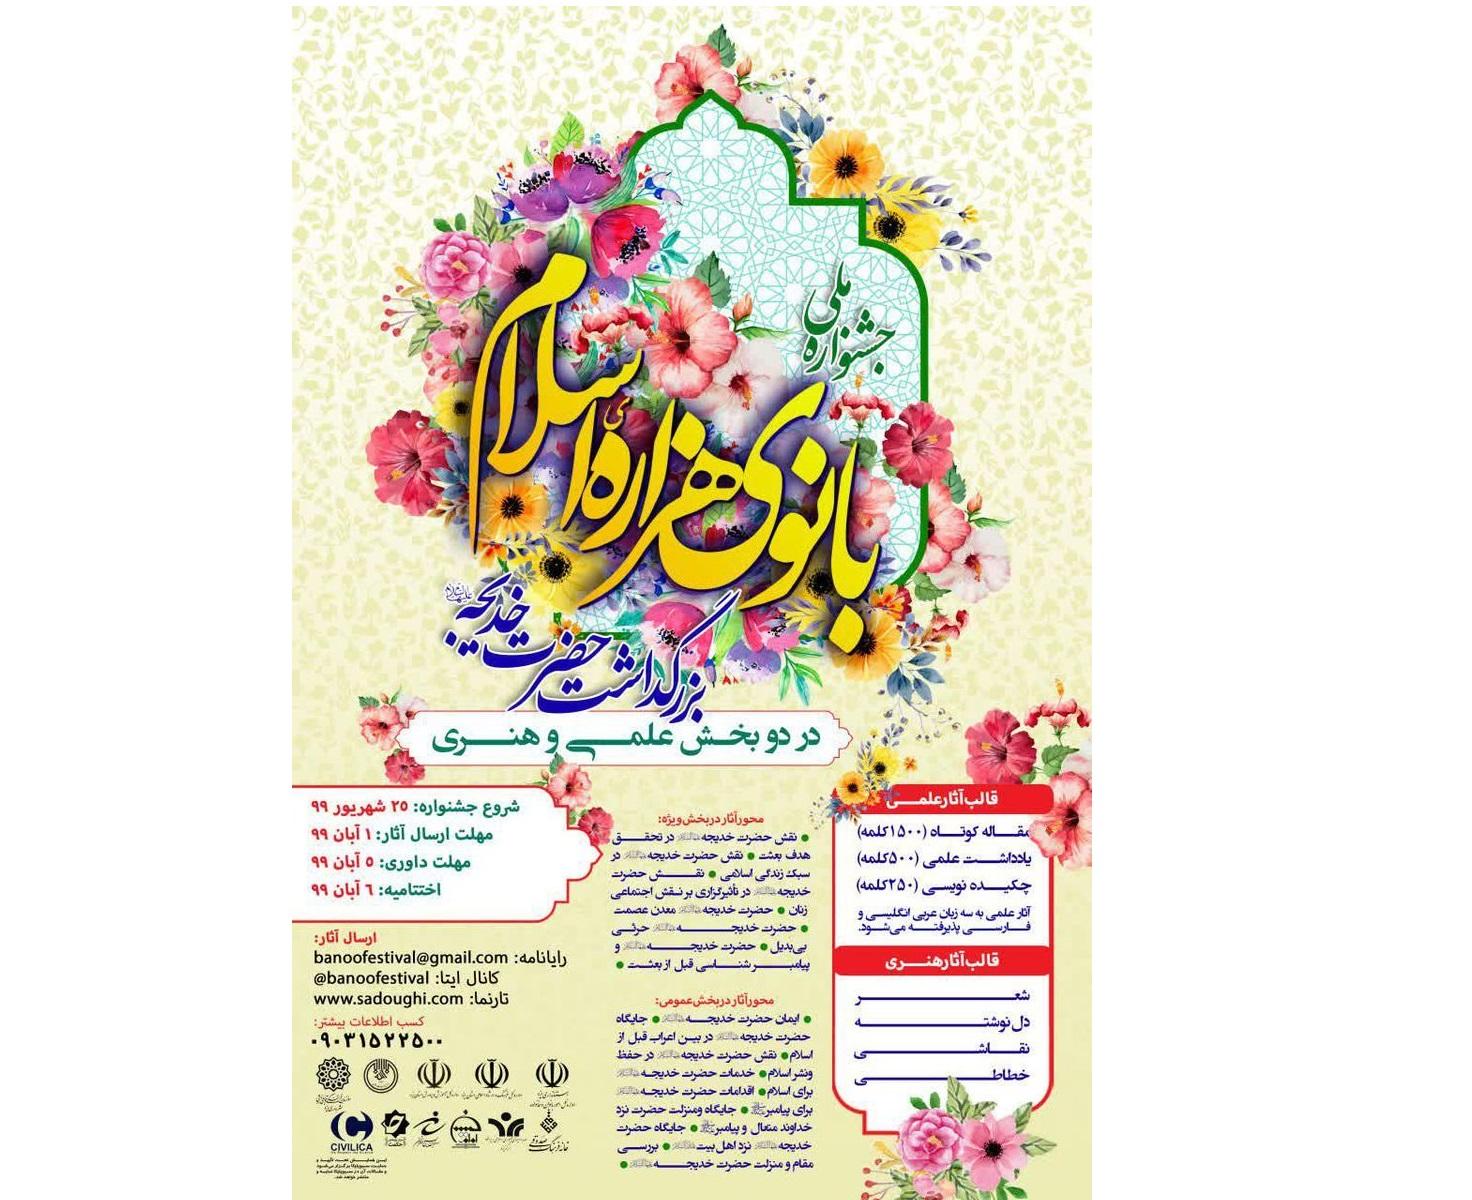 جشنواره ملی بانوی هزاره اسلام (بزرگداشت حضرت خدیجه)